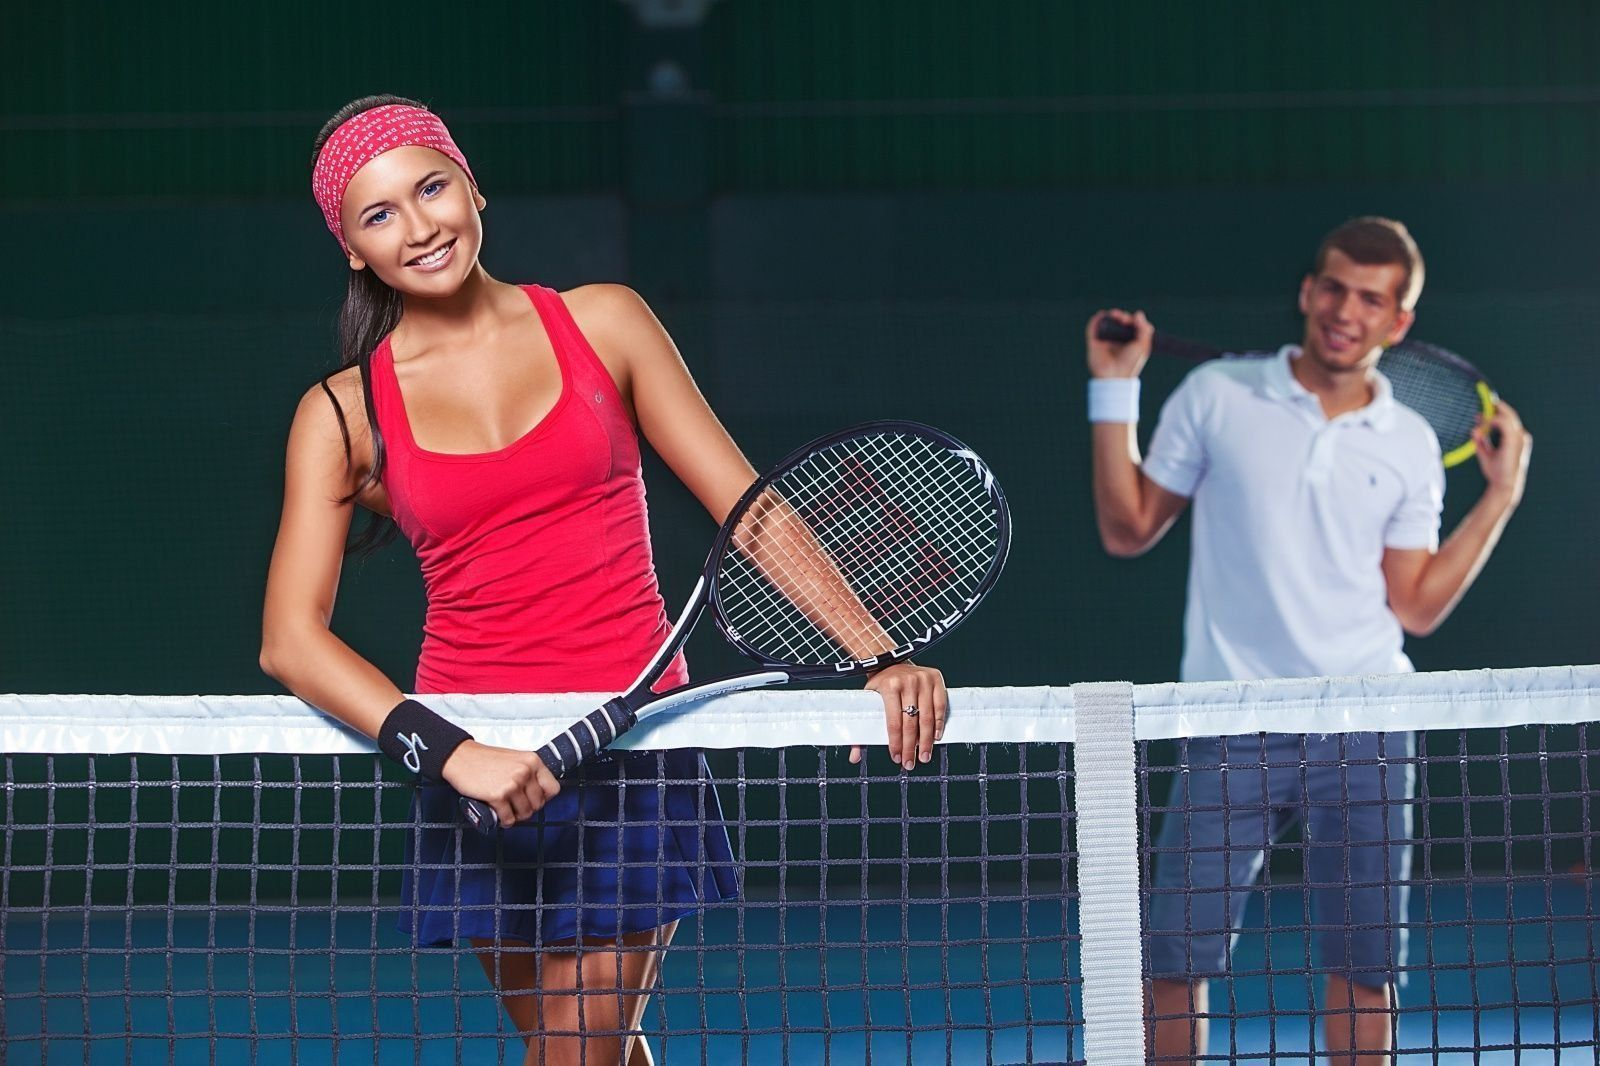 Рейтинг лучших теннисных ракеток для большого тенниса в 2021 году